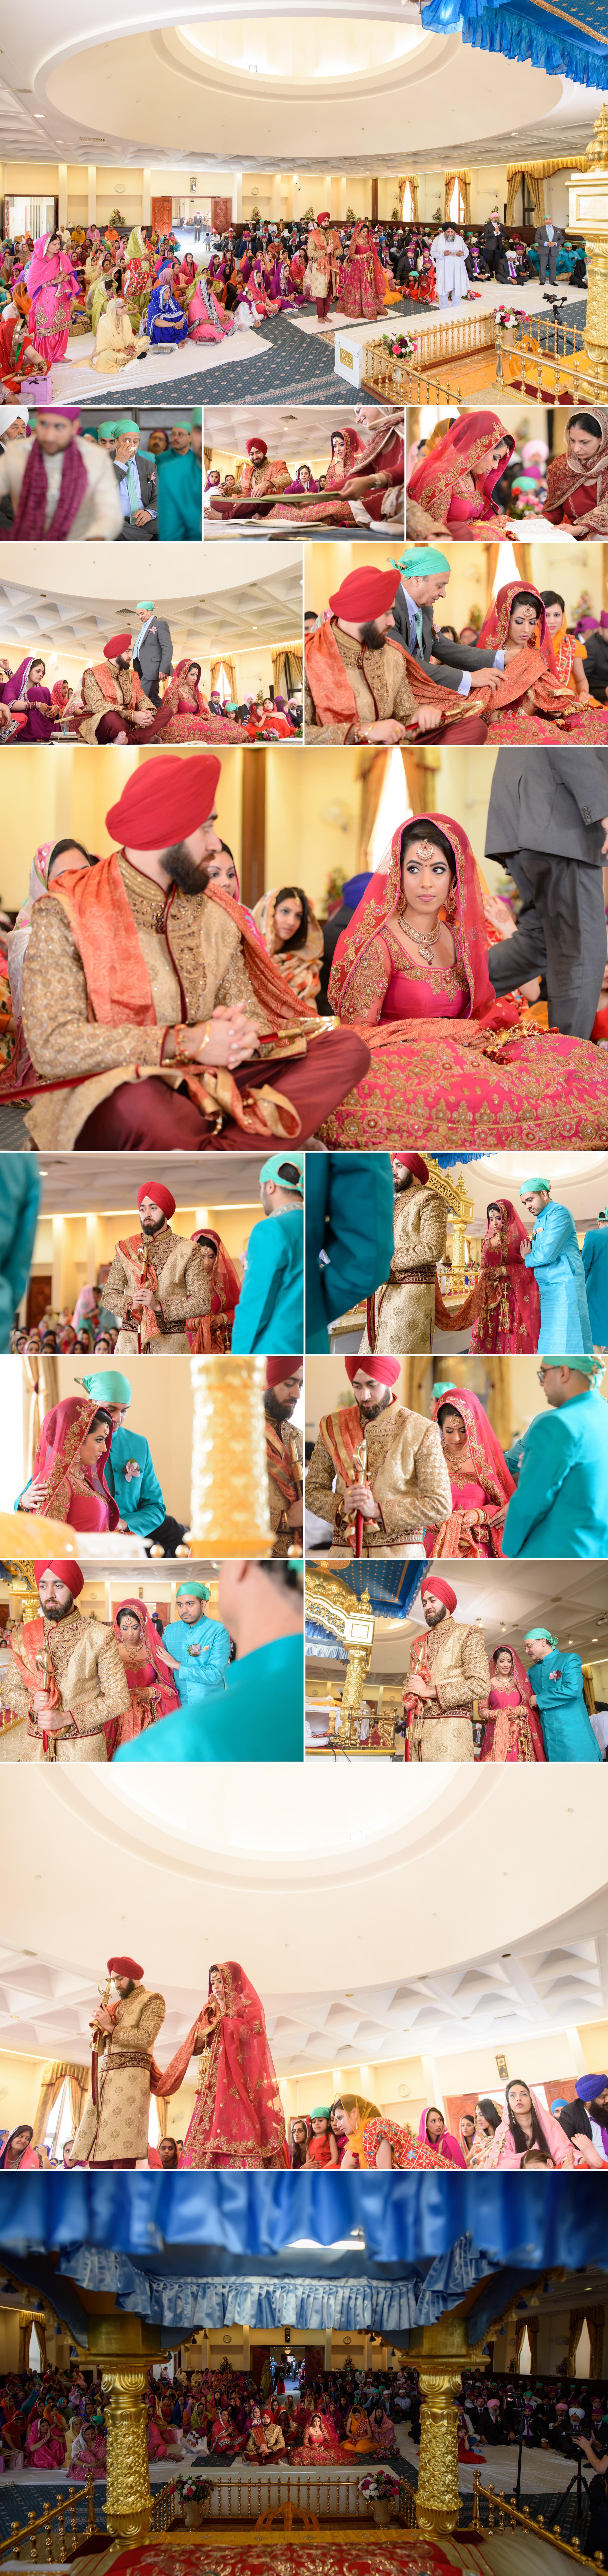 satnam photography sikh wedding ceremony alice way gurdwara london hounslow wedding photography-5